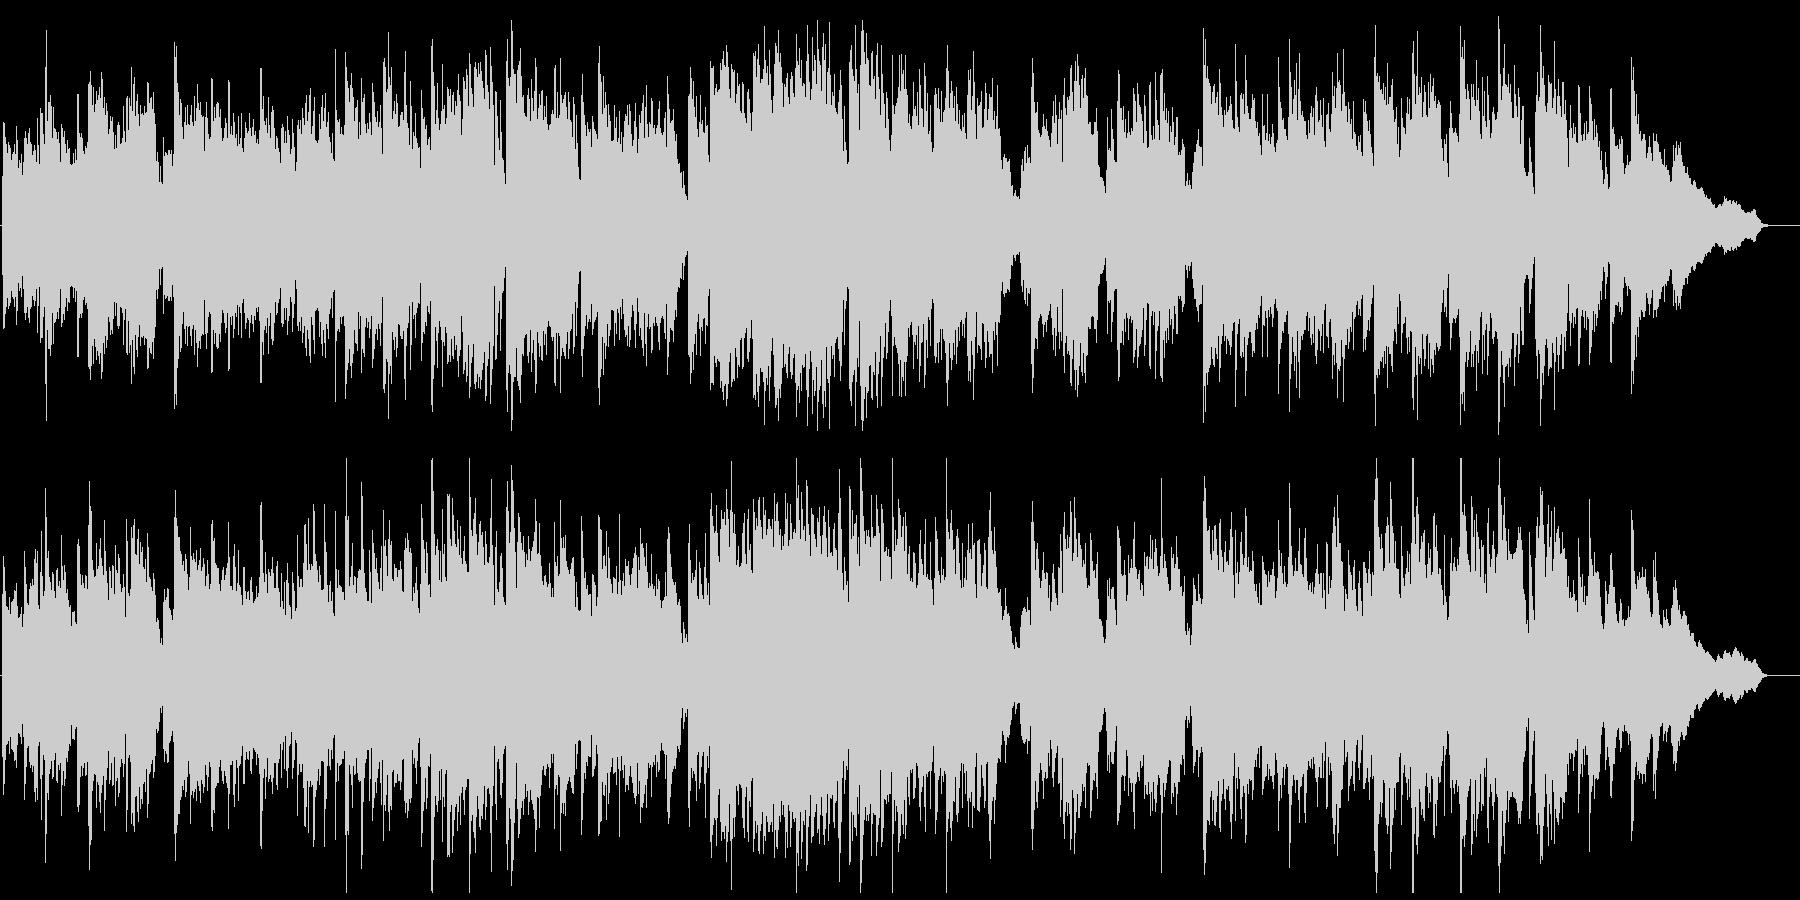 短調の和風曲、壮大、ゆっくり、篠笛生演奏の未再生の波形